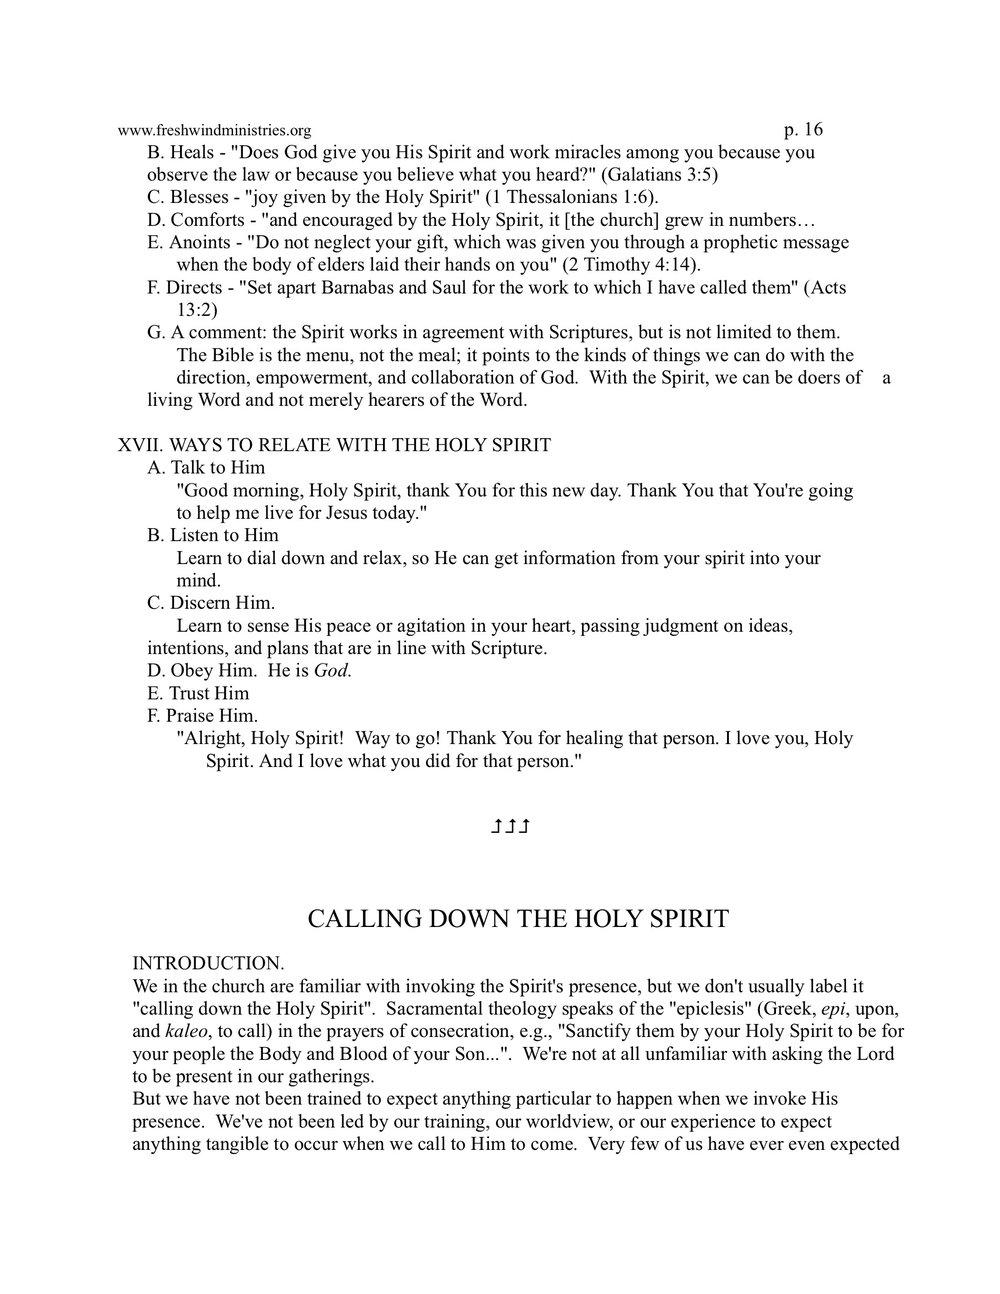 East End Fellowship Notes 35.jpeg